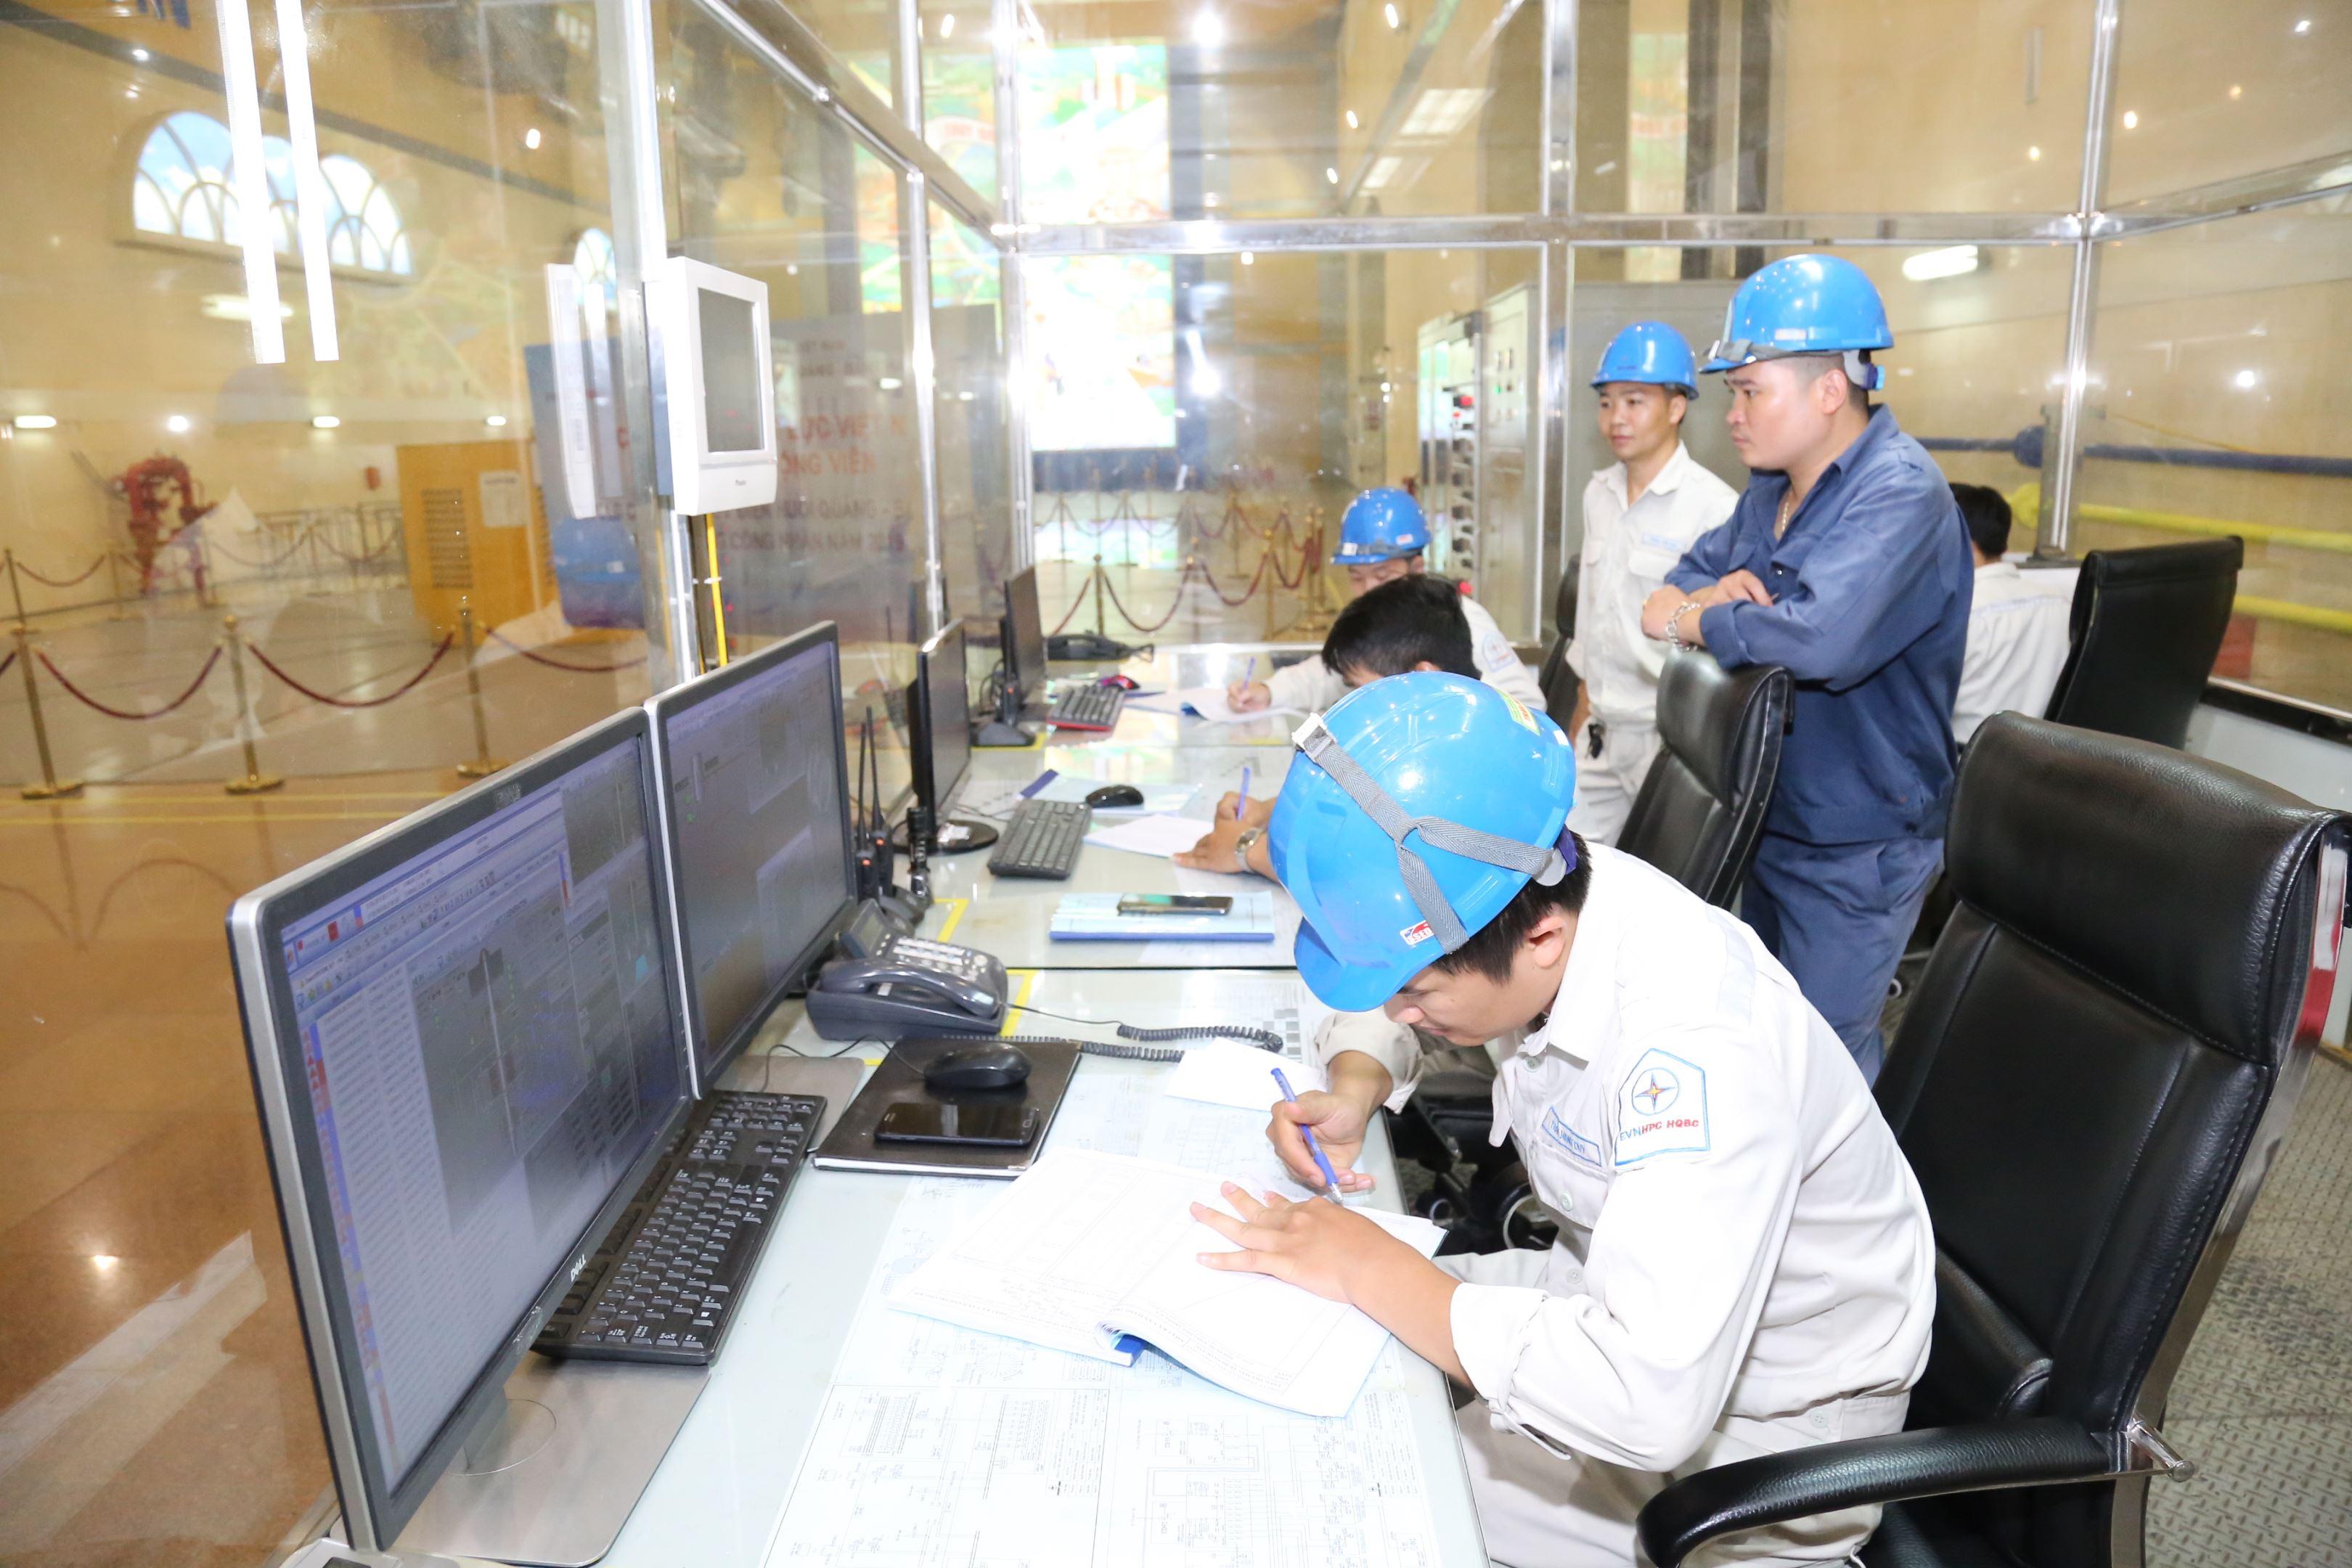 Phòng điều hành nhà máy thủy điện Lai Châu. Nguồn: Báo Lao động